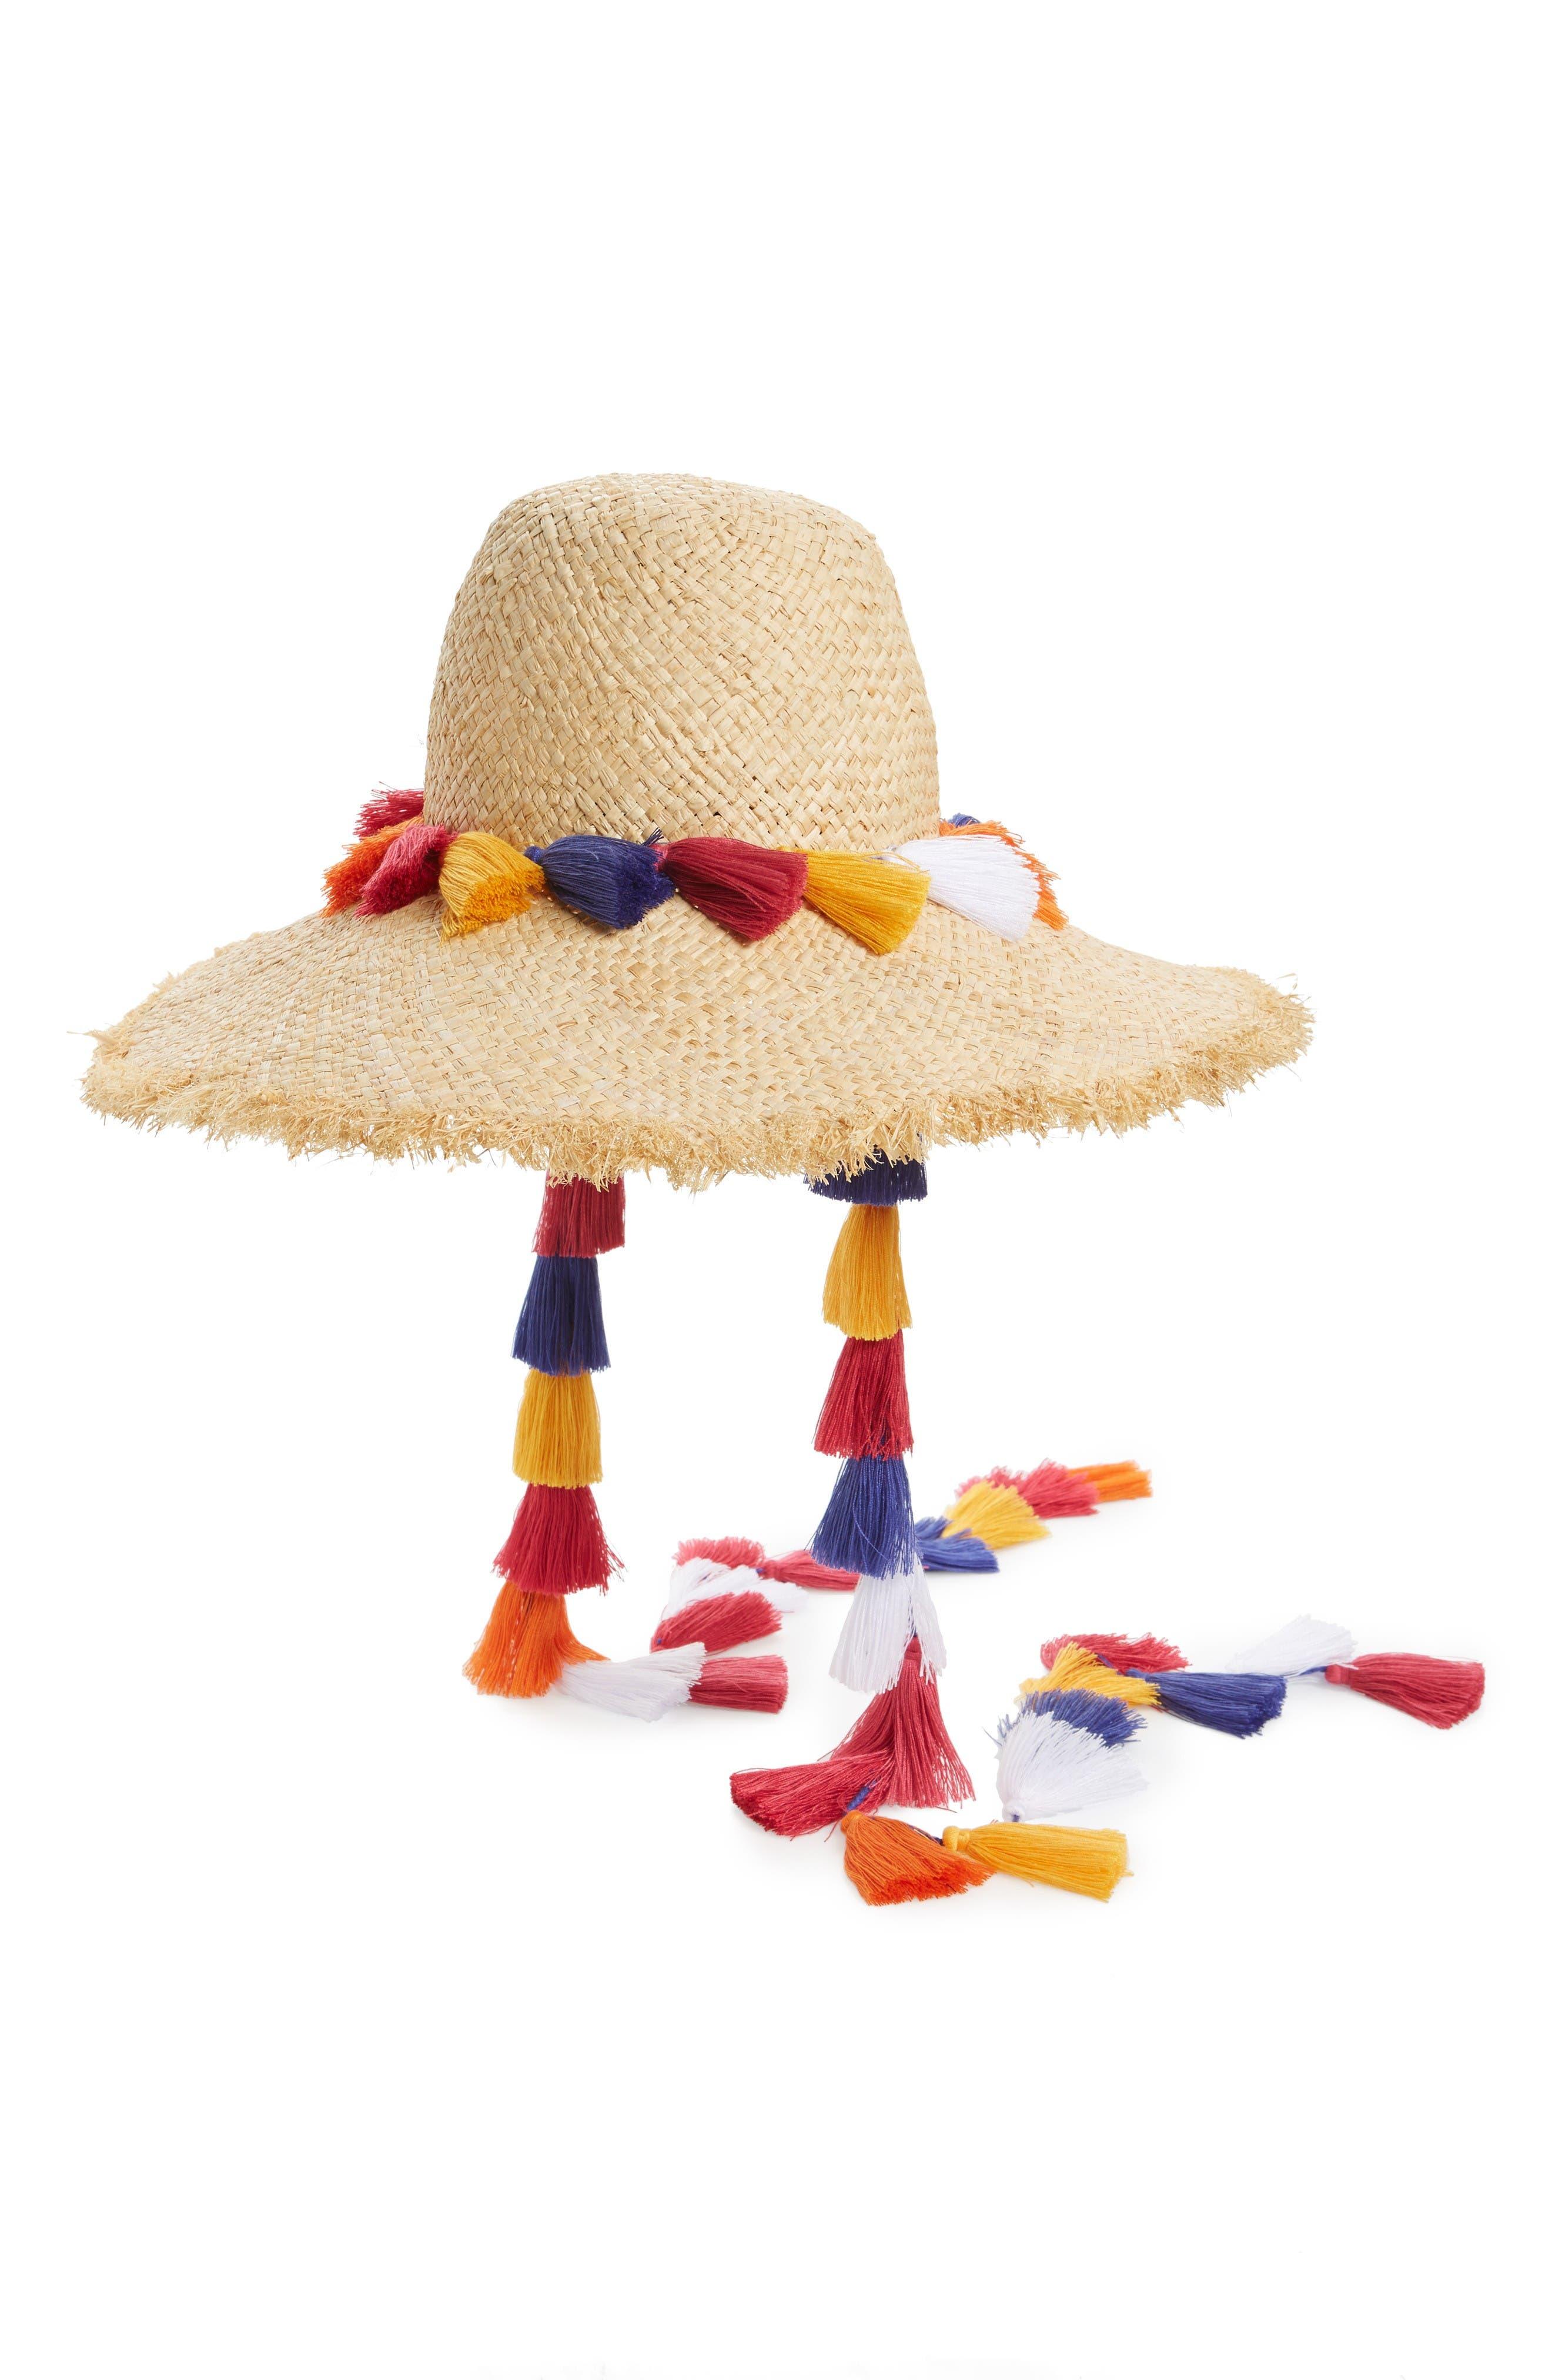 kate spade new york tassel backpack sun hat